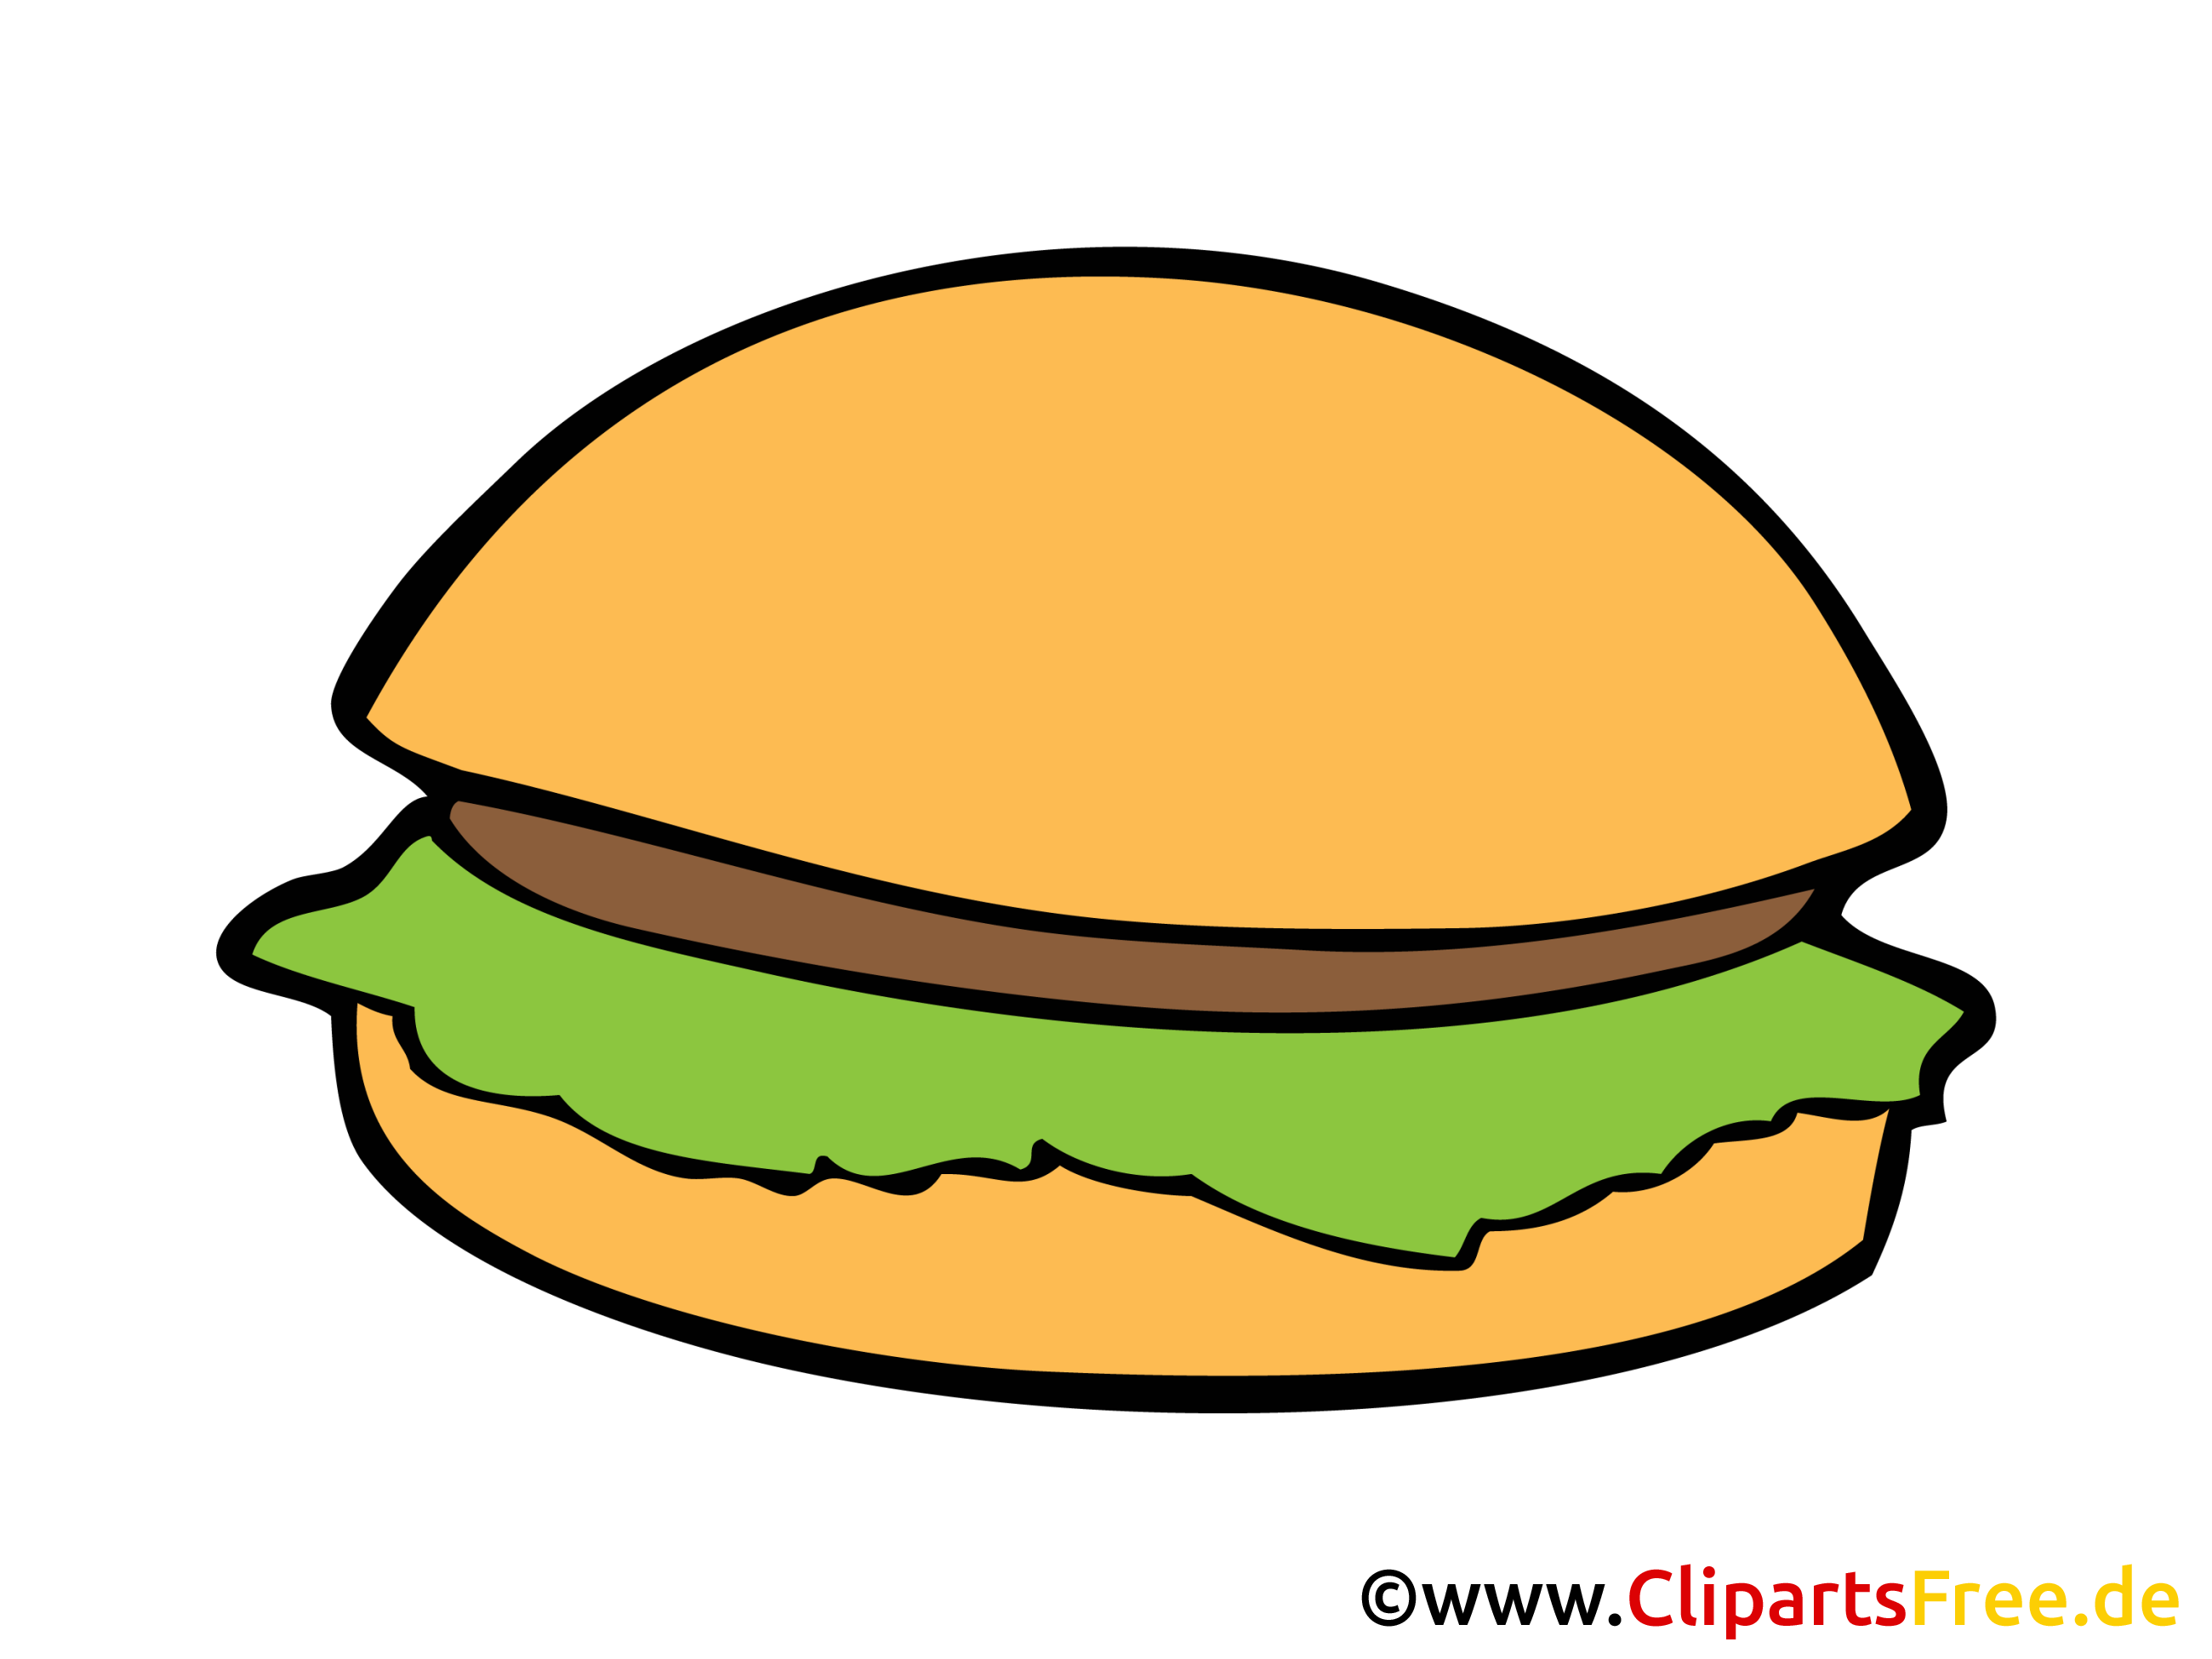 Fast Food Bild, Clipart, Illustration, Grafik, Zeichnung kostenlos